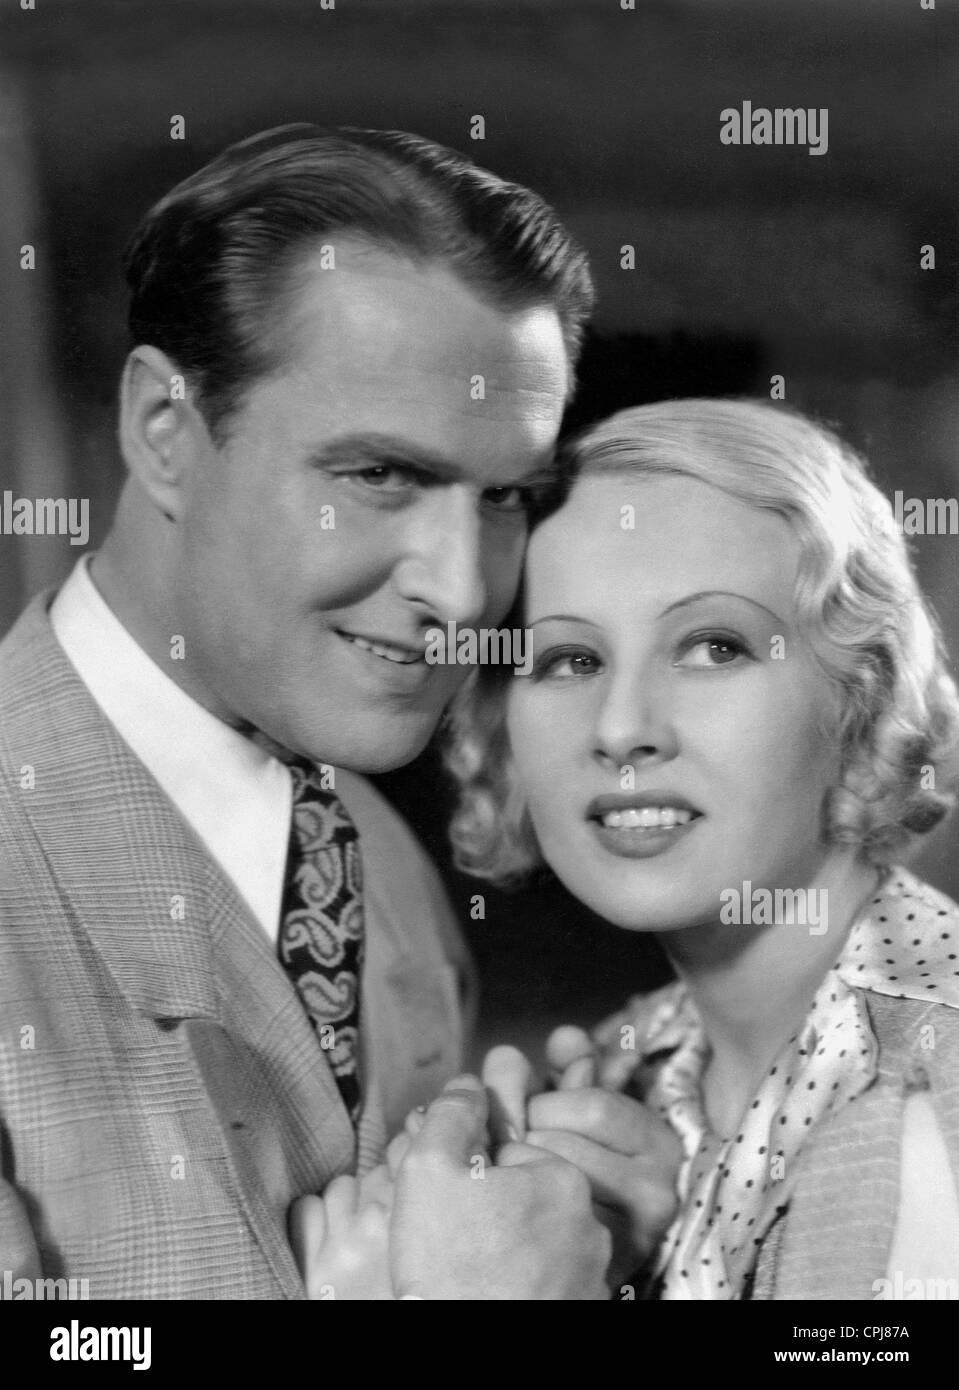 Paul Richter and Dorit Kreysler in 'Maiden vs. Monk', 1934 - Stock Image